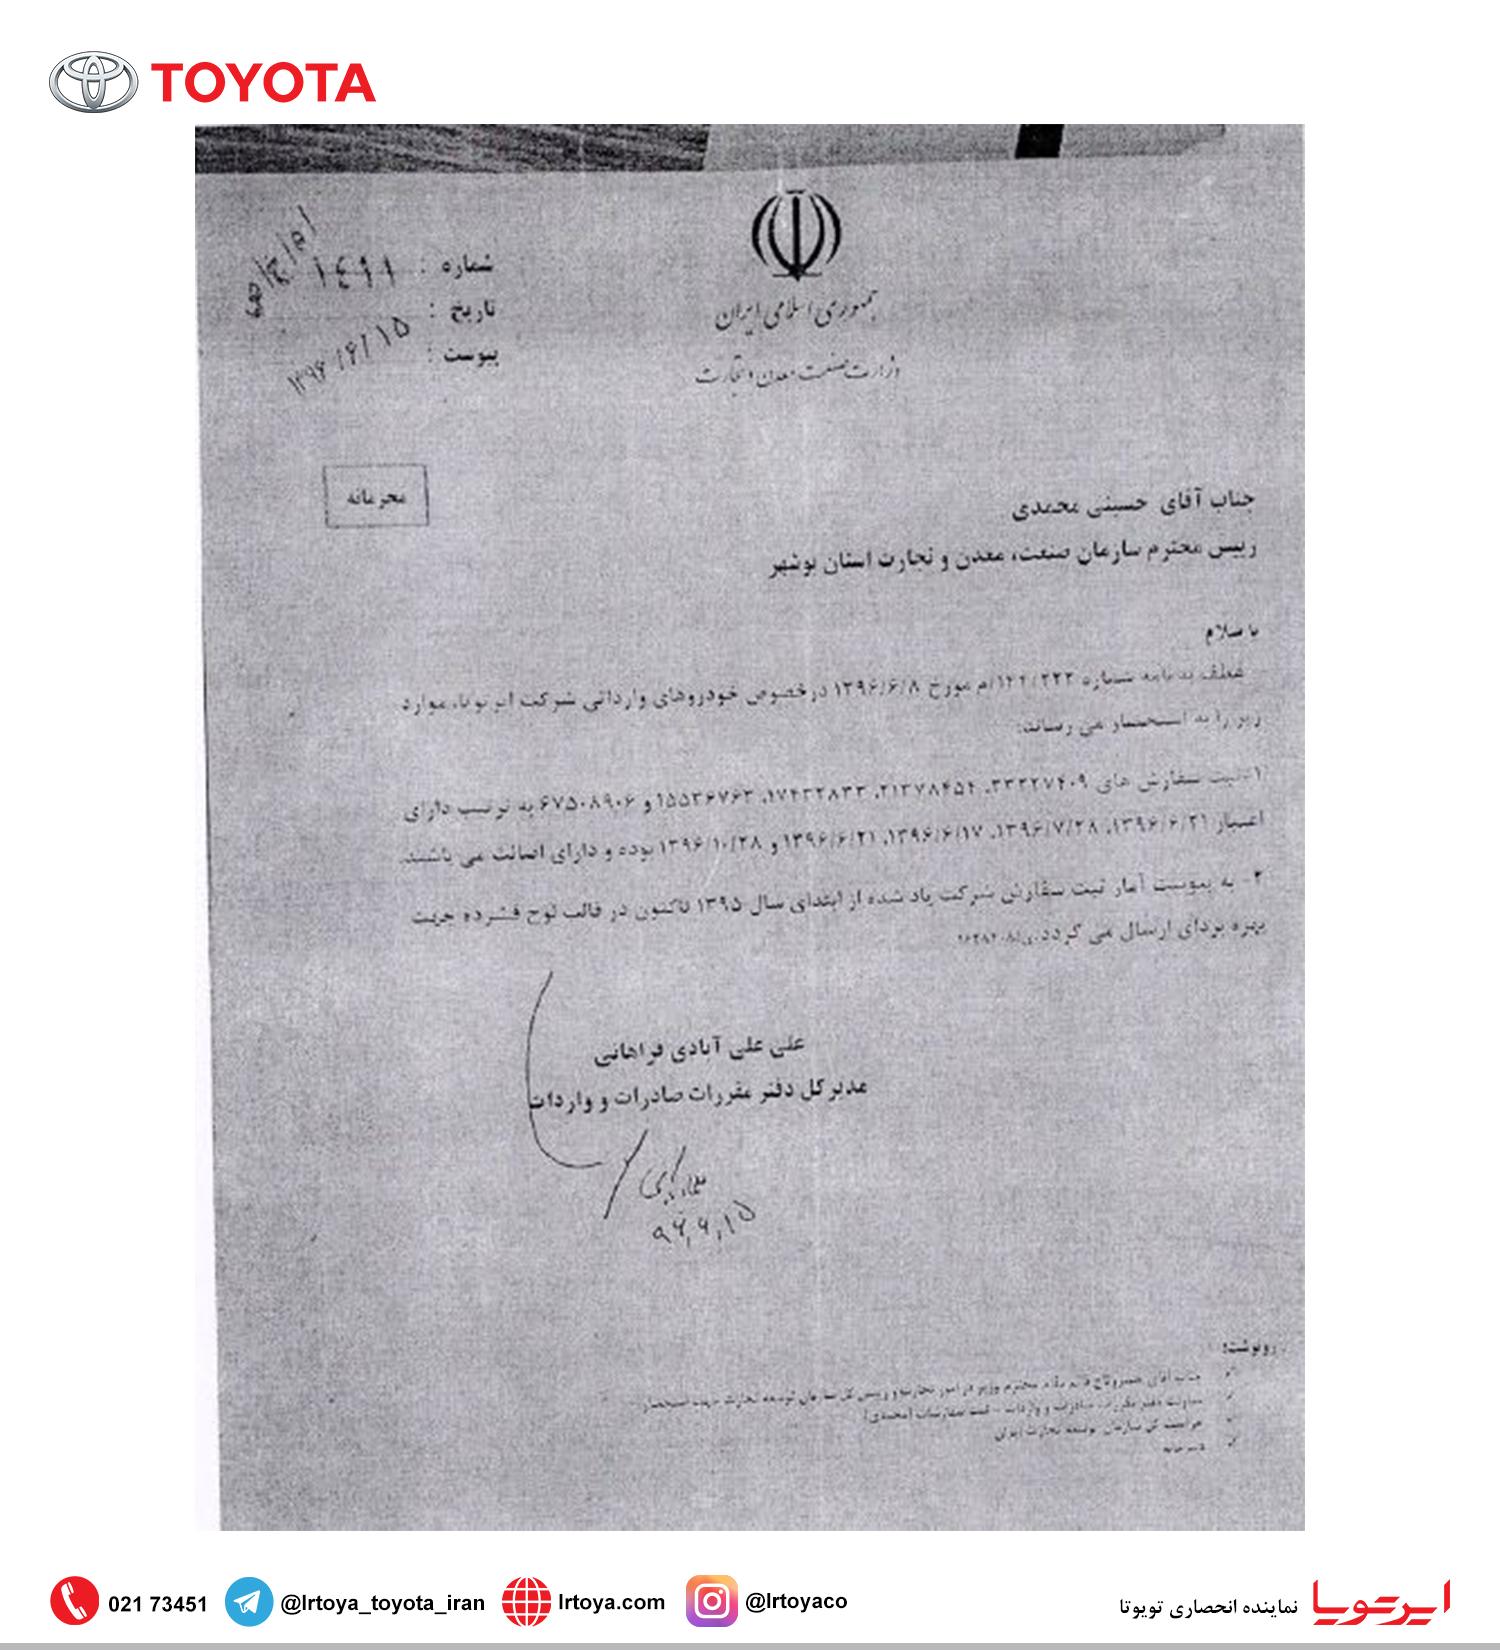 نامه ایرتویا به وزارت صنعت و معدن